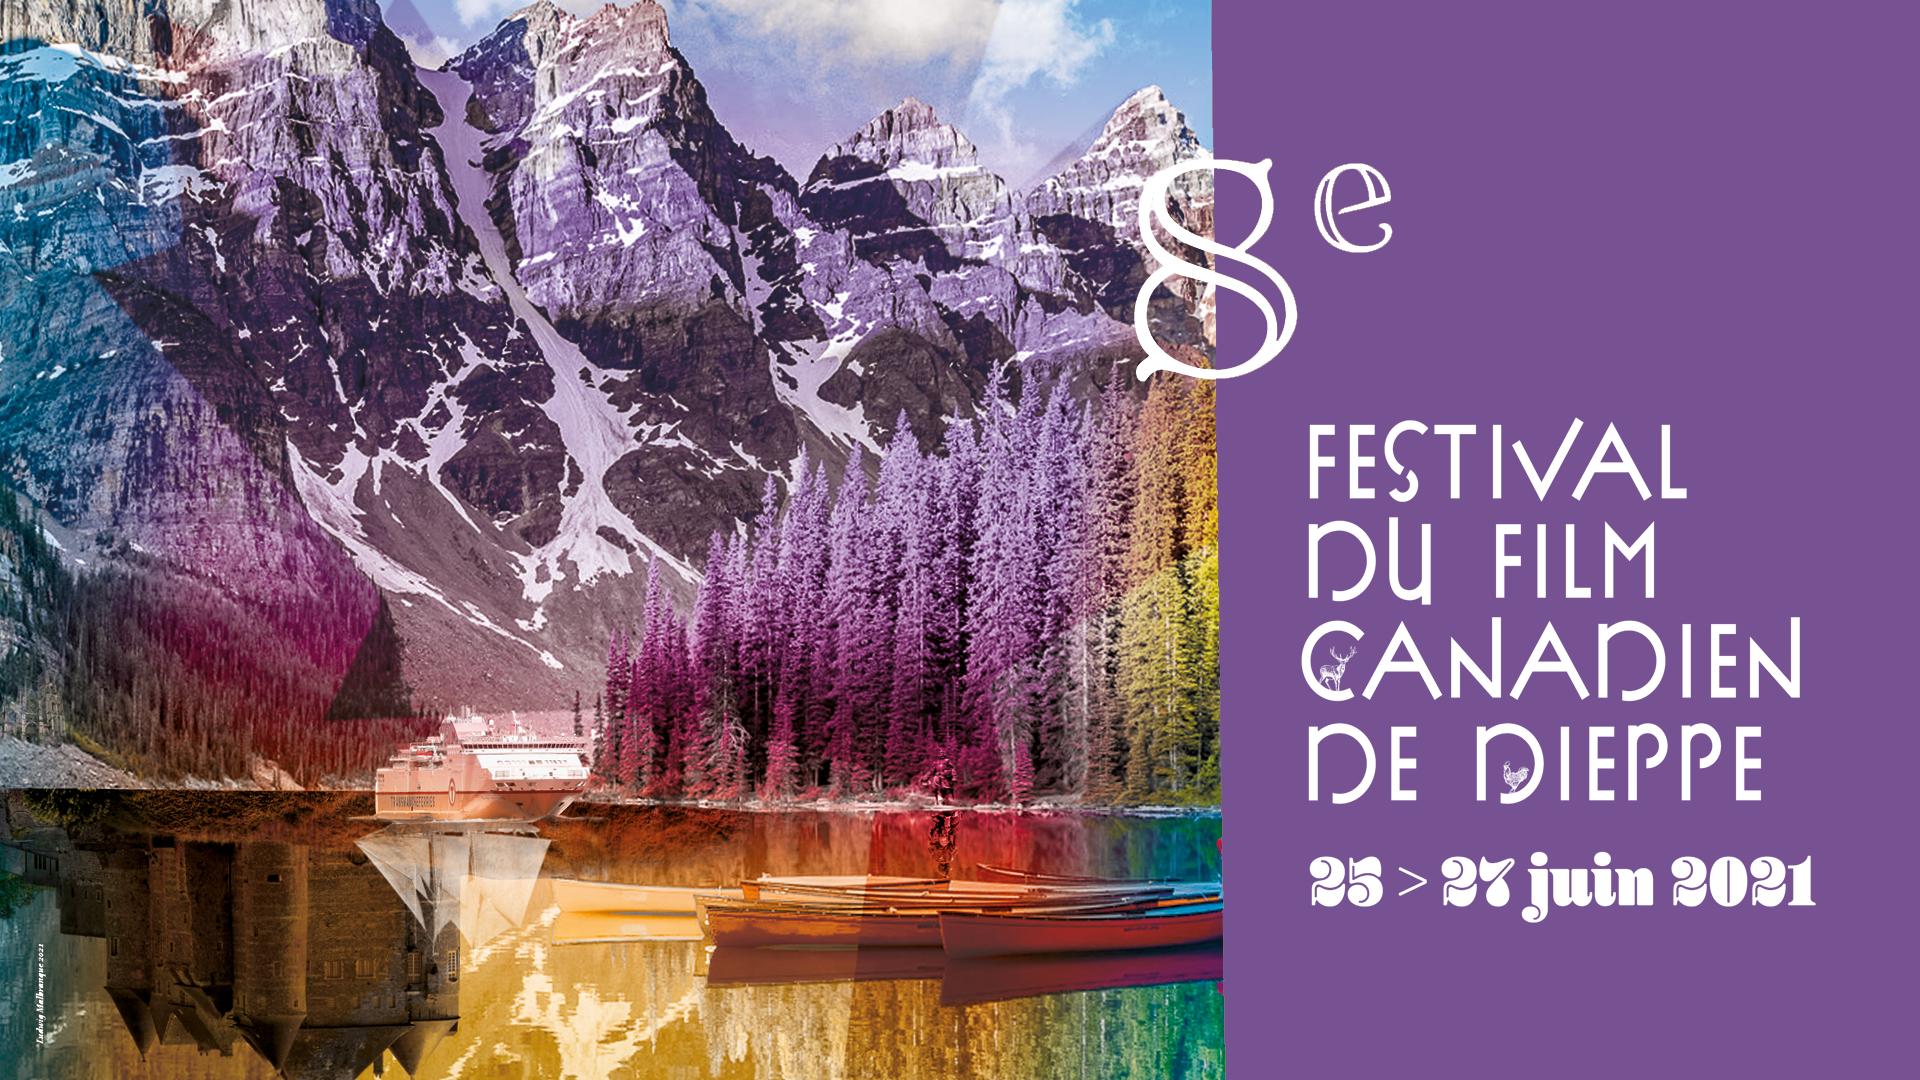 bandeau 8è edition du festival du film canadien de dieppe